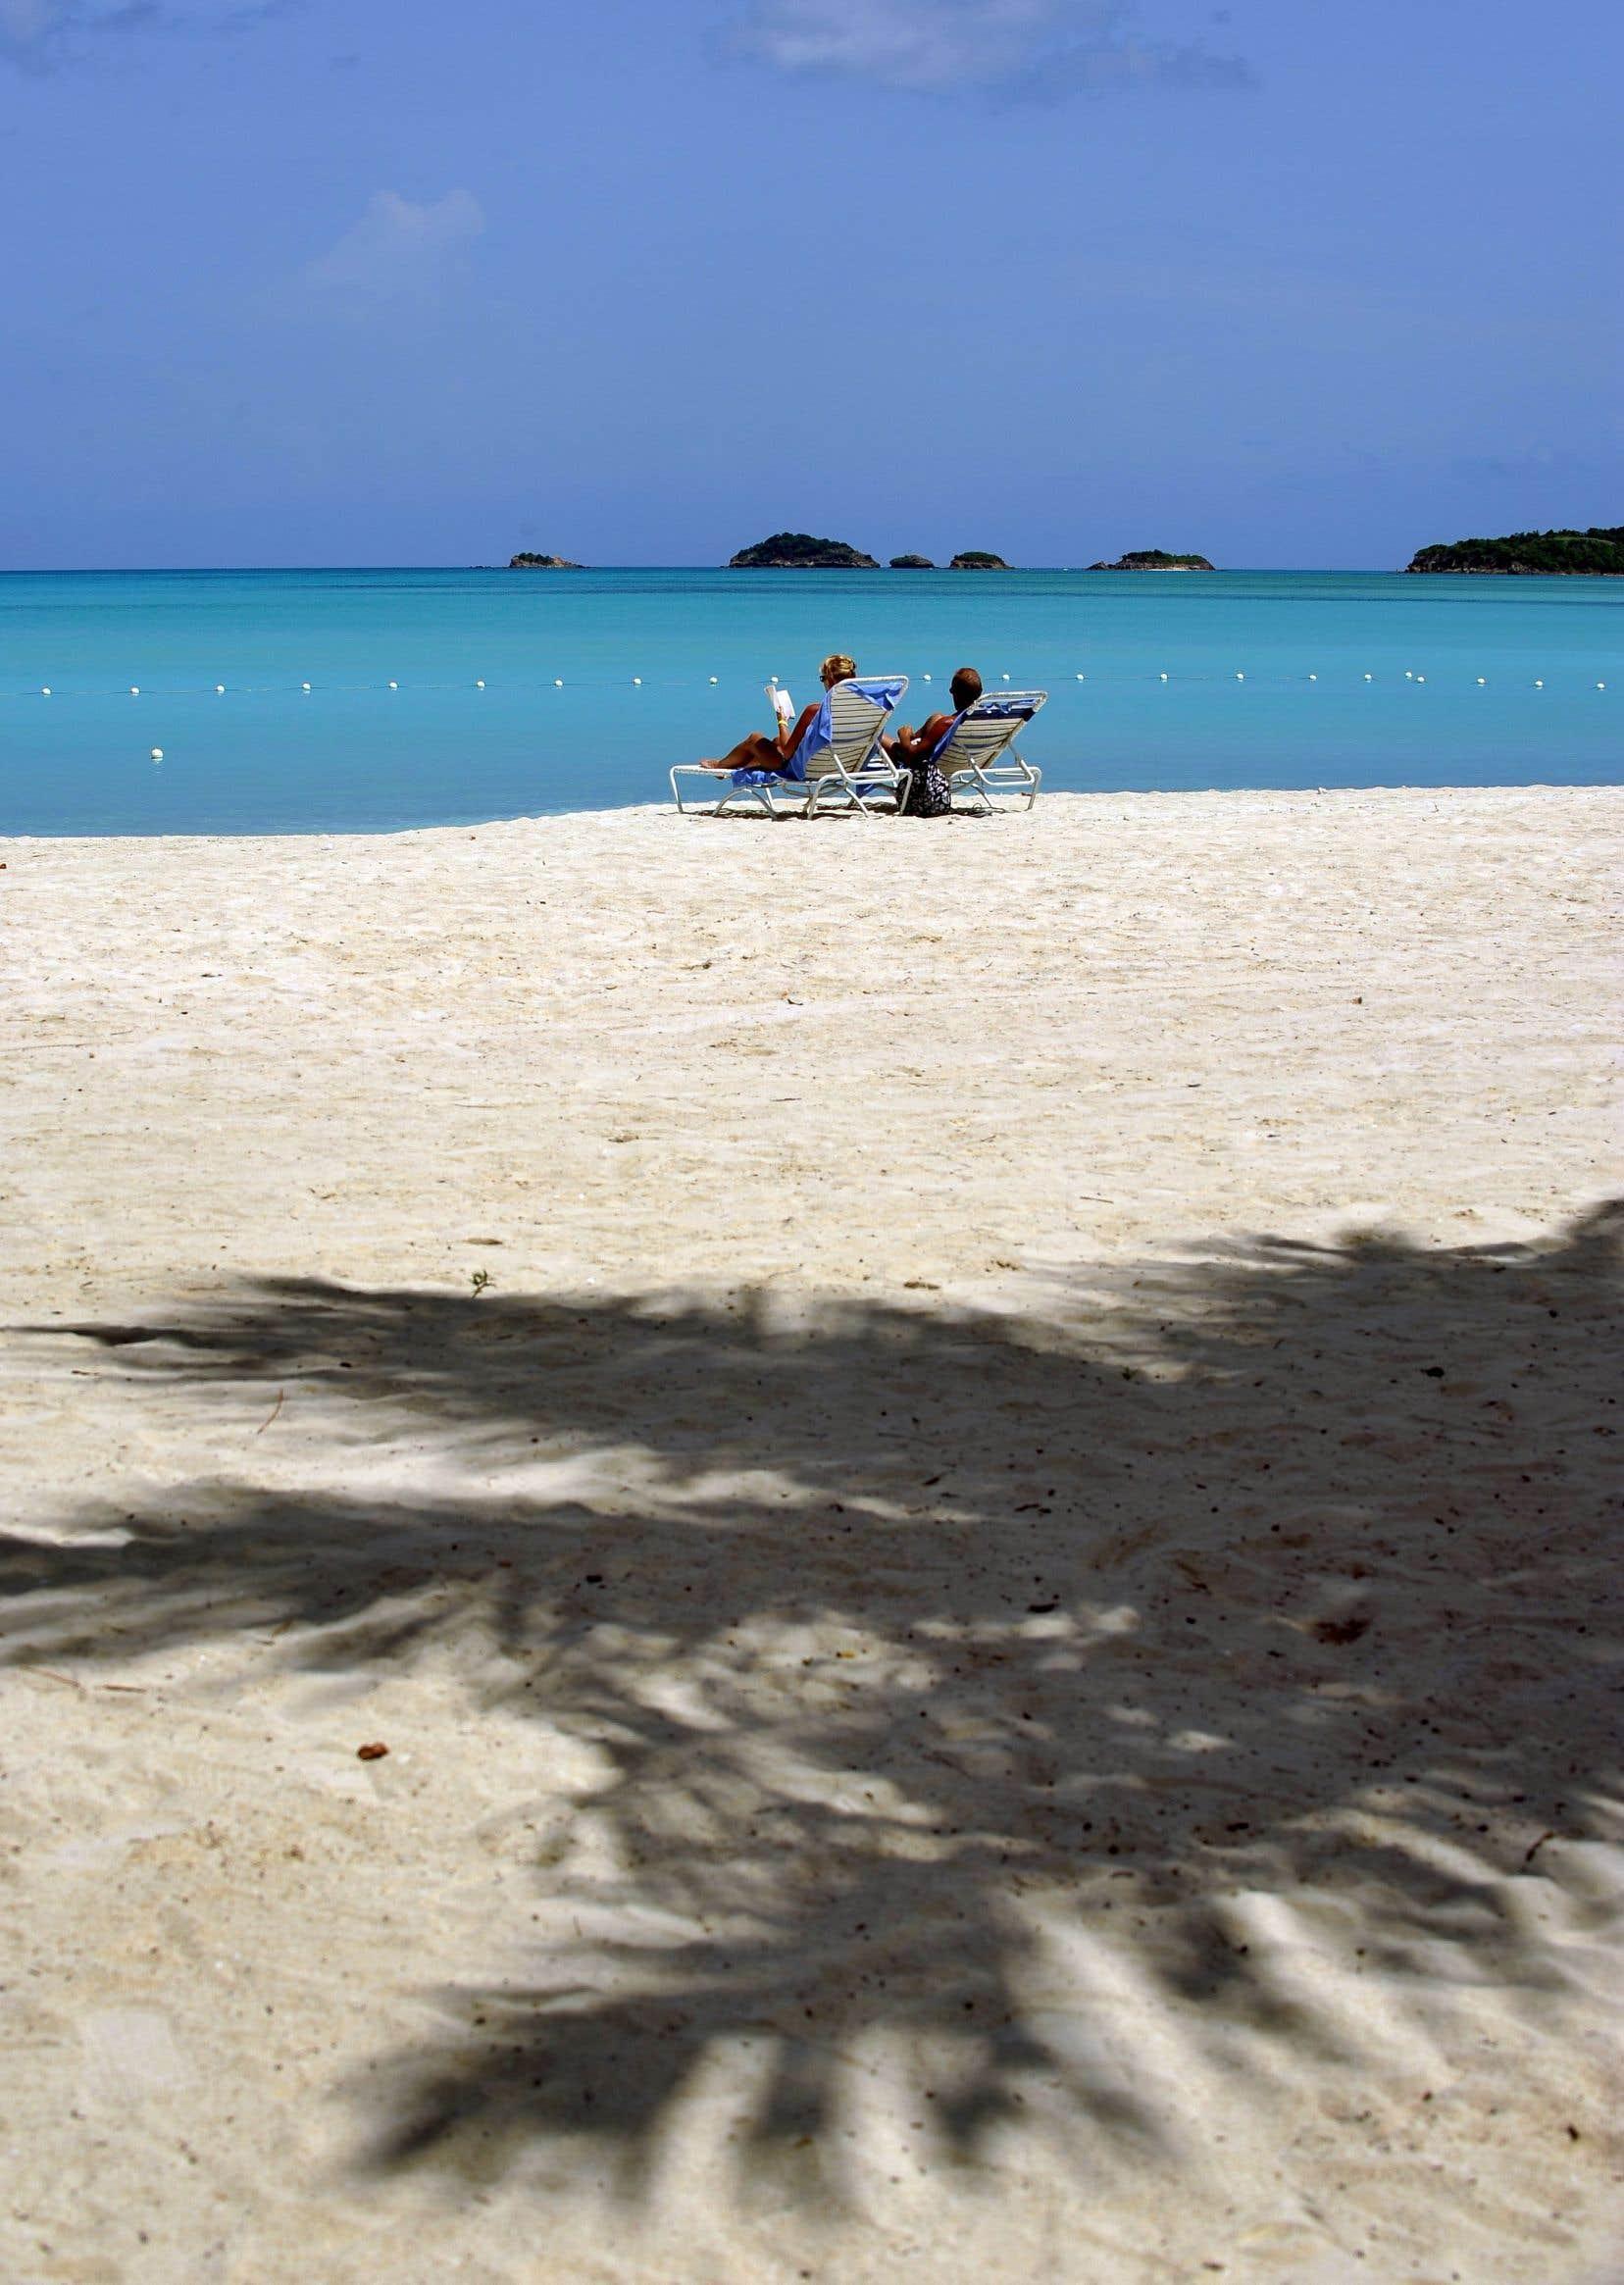 La fiscaliste Marwah Rizqy déplore le peu de progrès réalisés jusqu'à présent dans le combat contre les paradis fiscaux et cite l'exemple de deux nouvelles ententes fiscales conclues récemment avec Grenade et Antigua-et-Barbuda (photo), deux paradis fiscaux notoires.